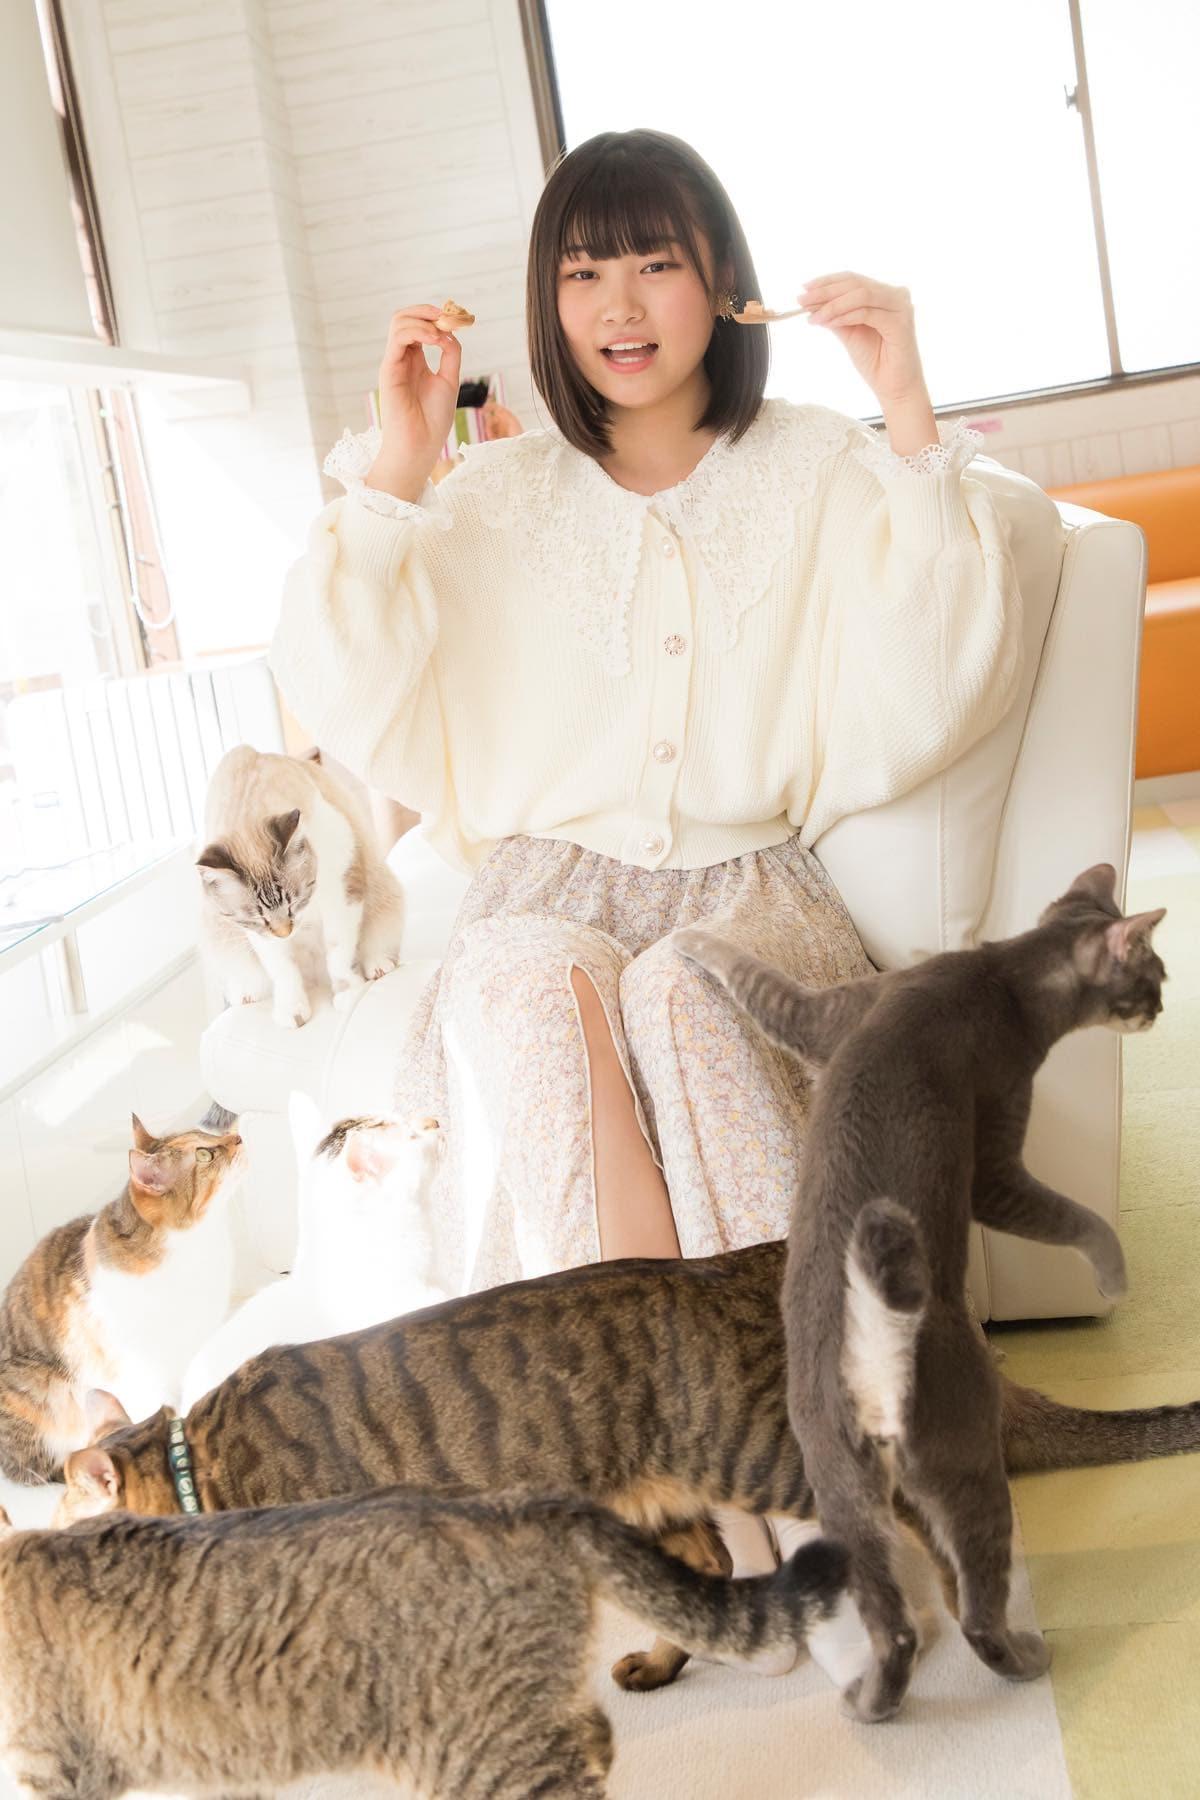 小澤愛実「猫に愛されることはできるのか」【写真48枚】【連載】ラストアイドルのすっぴん!vol.19の画像032